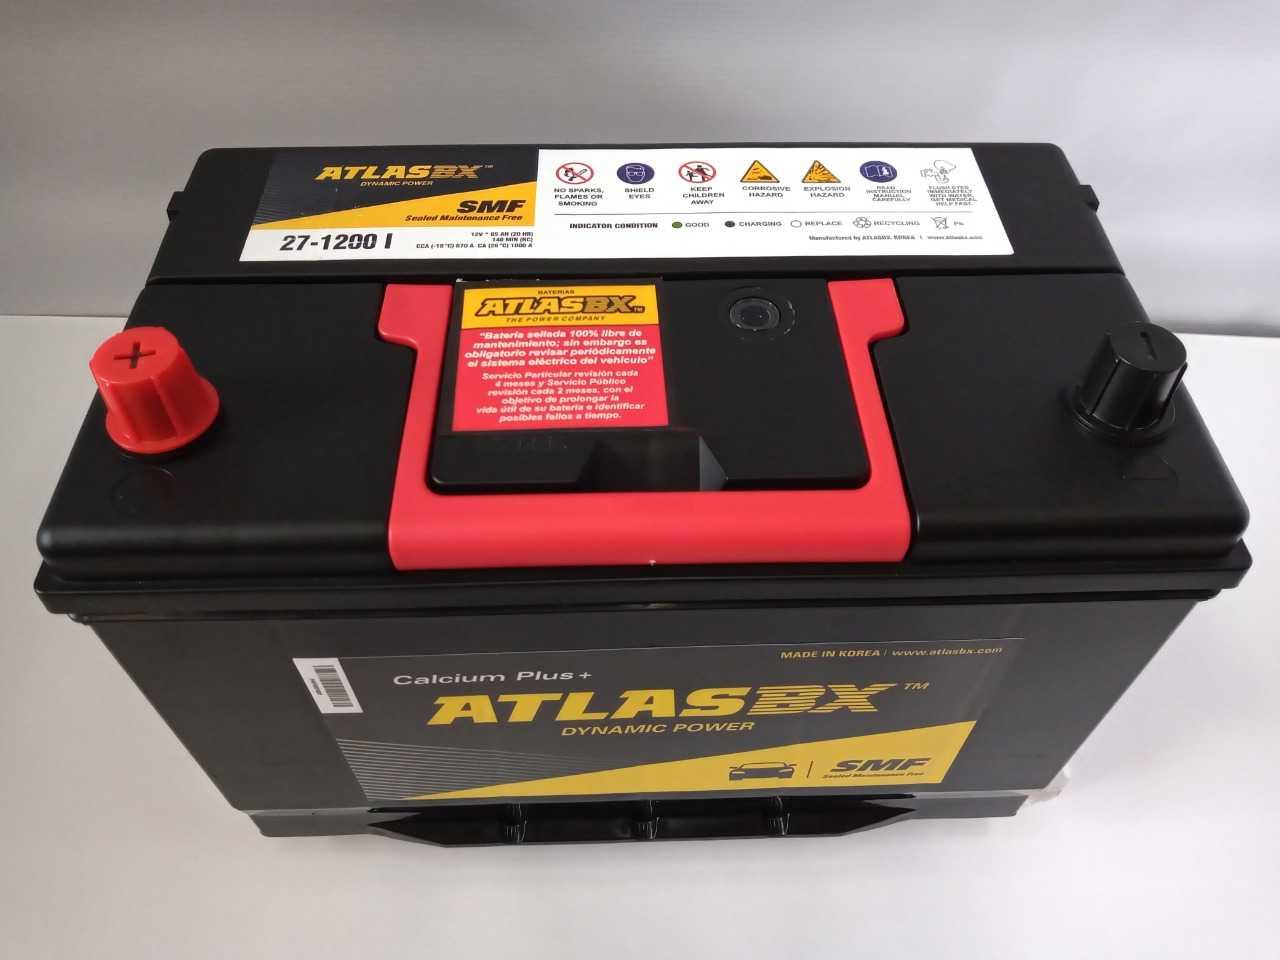 Bateria Atlas 271200 I